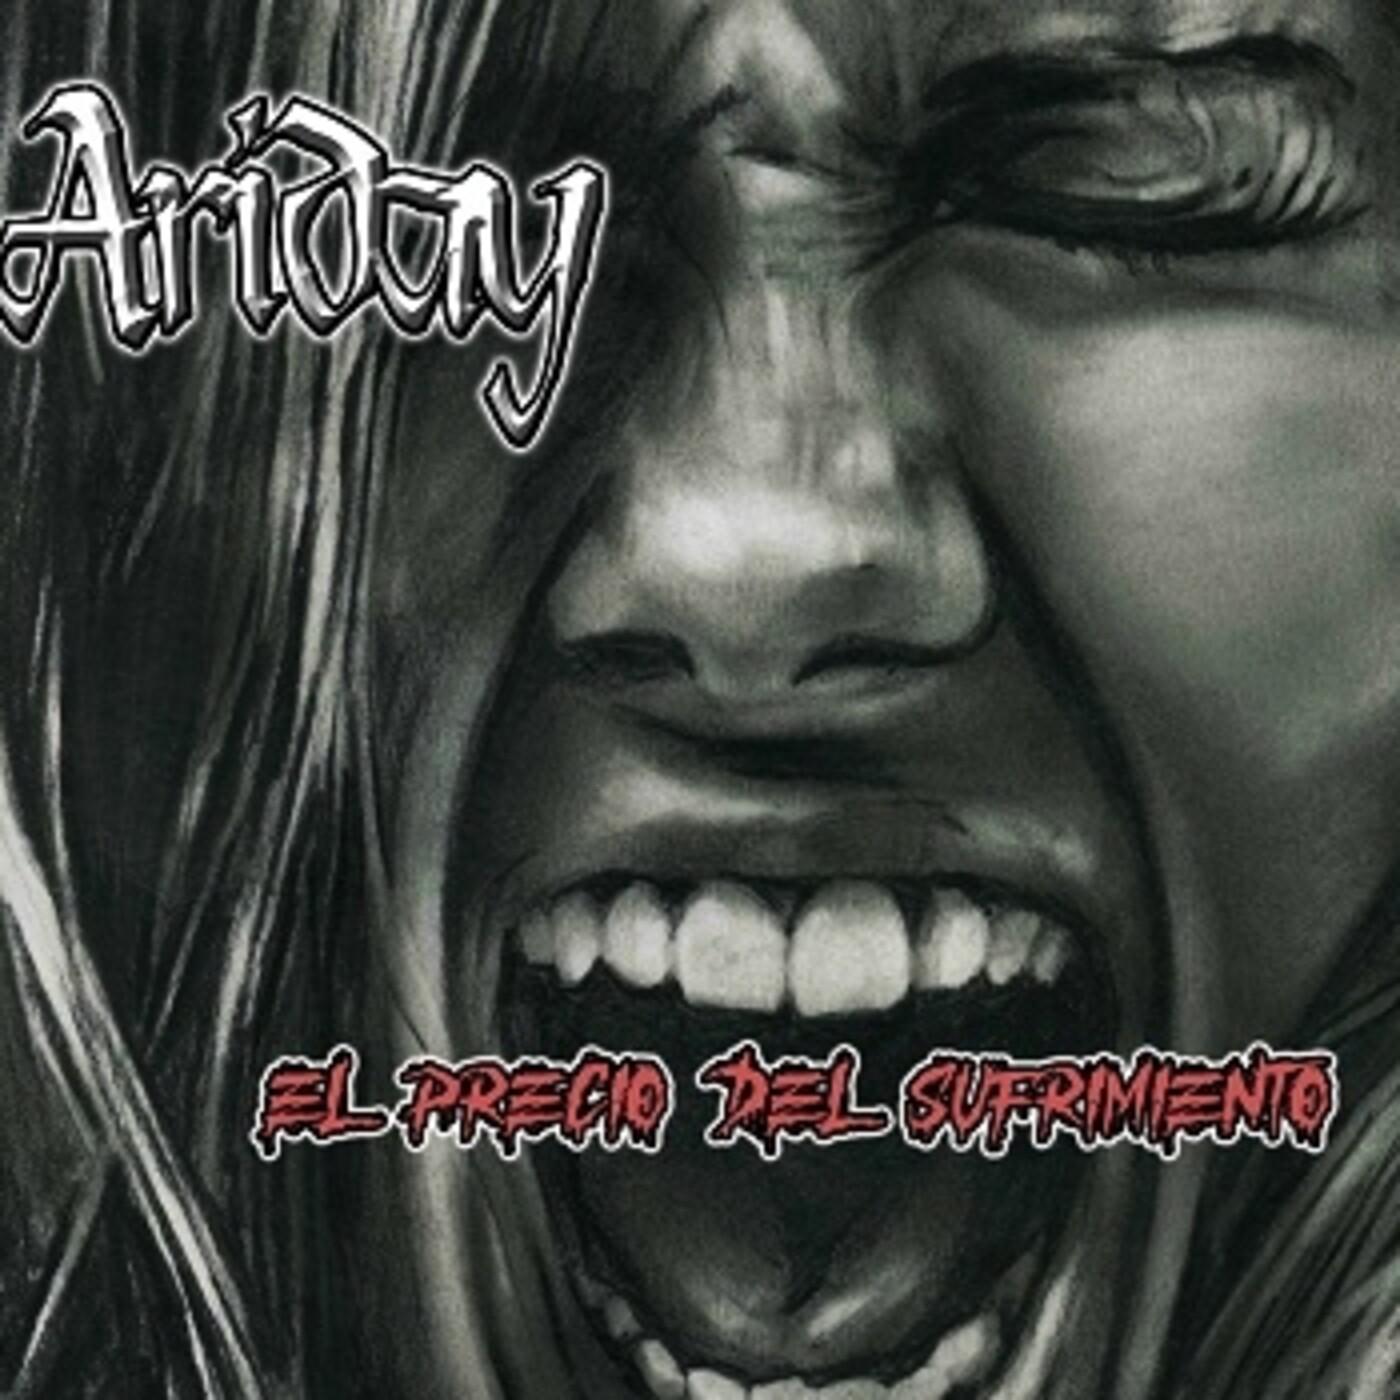 Entrevista con el grupo Ariday con gancho y talento pr